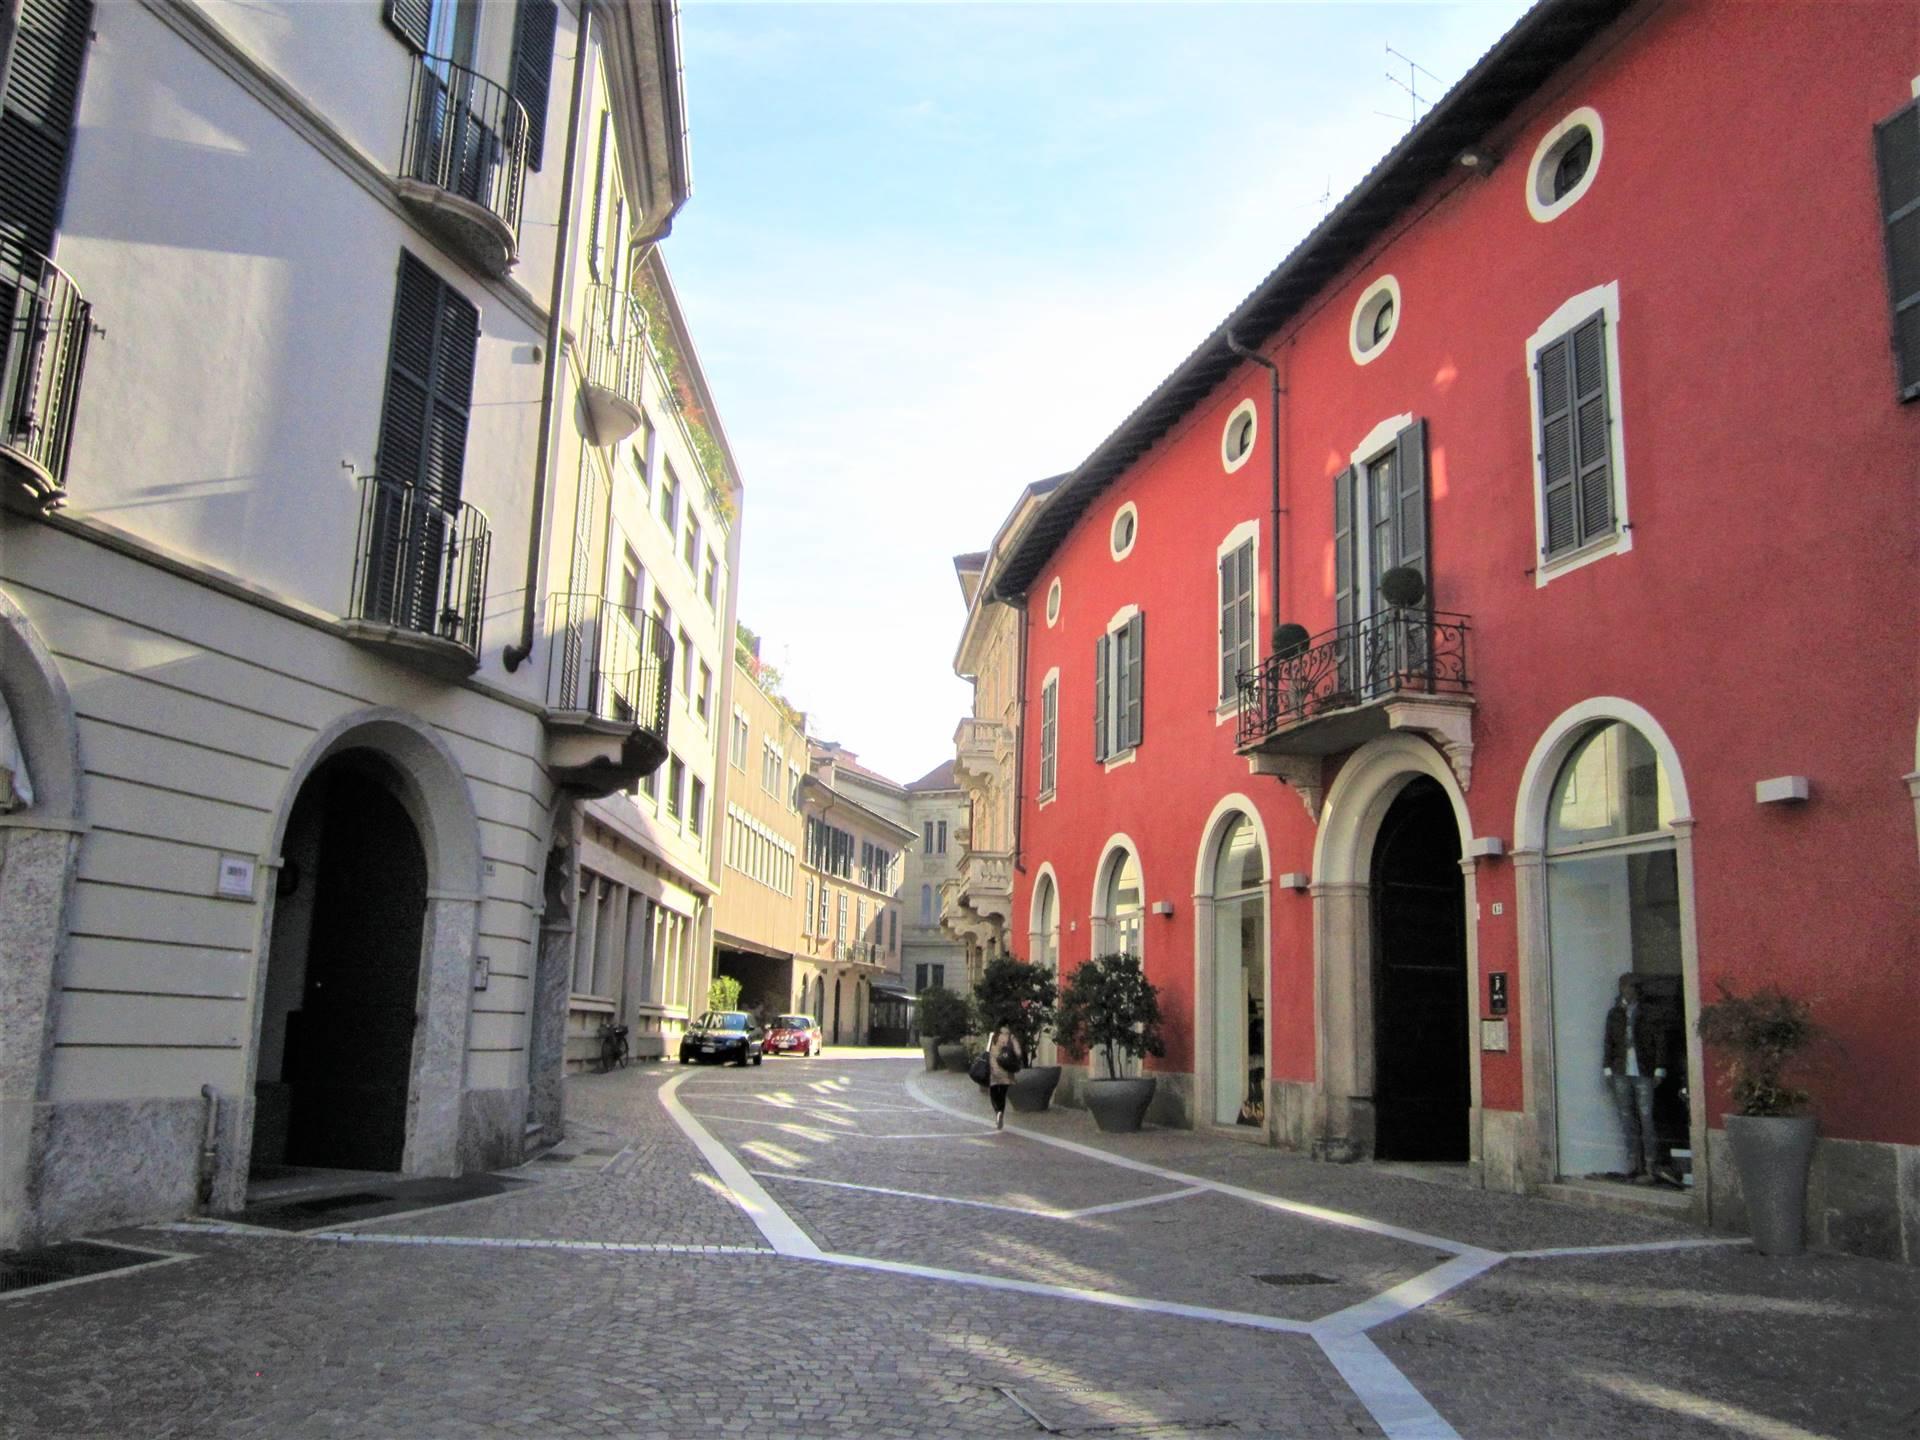 Negozio / Locale in vendita a Gallarate, 2 locali, zona Località: CENTRO, prezzo € 250.000   PortaleAgenzieImmobiliari.it